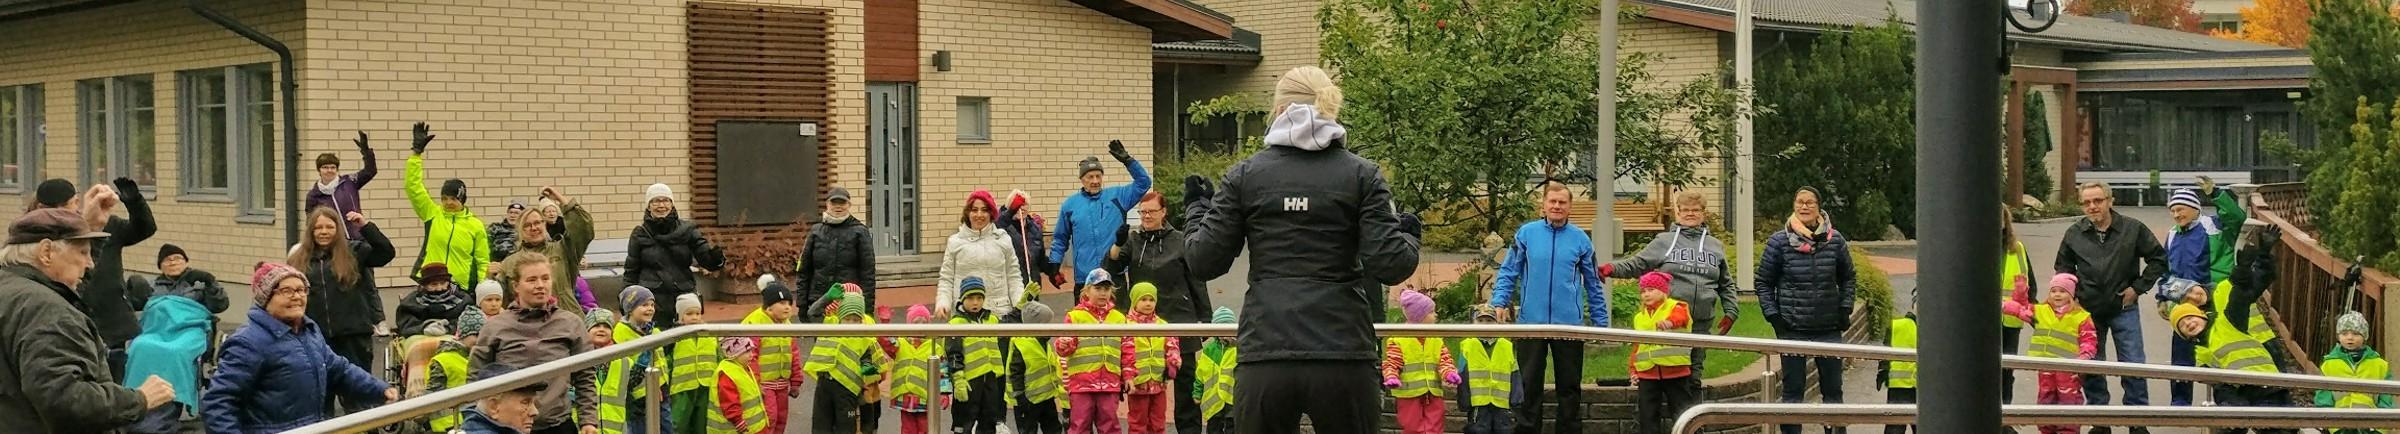 lapset ja vanhukset tanssivat yhdessä